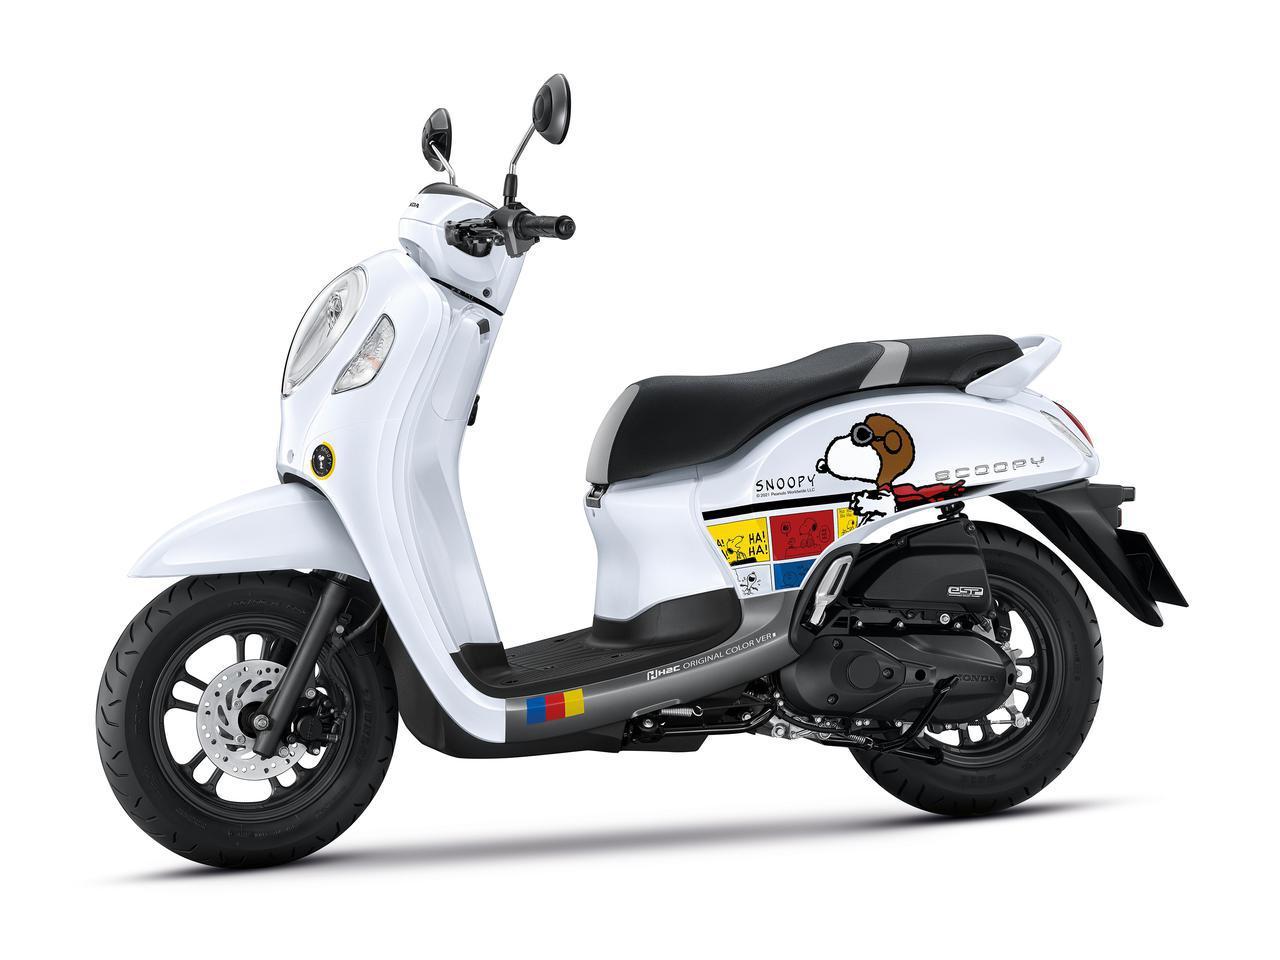 画像: Honda SCOOPY × SNOOPY Limited Edition タイ仕様 総排気量:109.51cc エンジン形式:空冷4ストOHC単気筒 シート高:748mm 車両重量:94kg